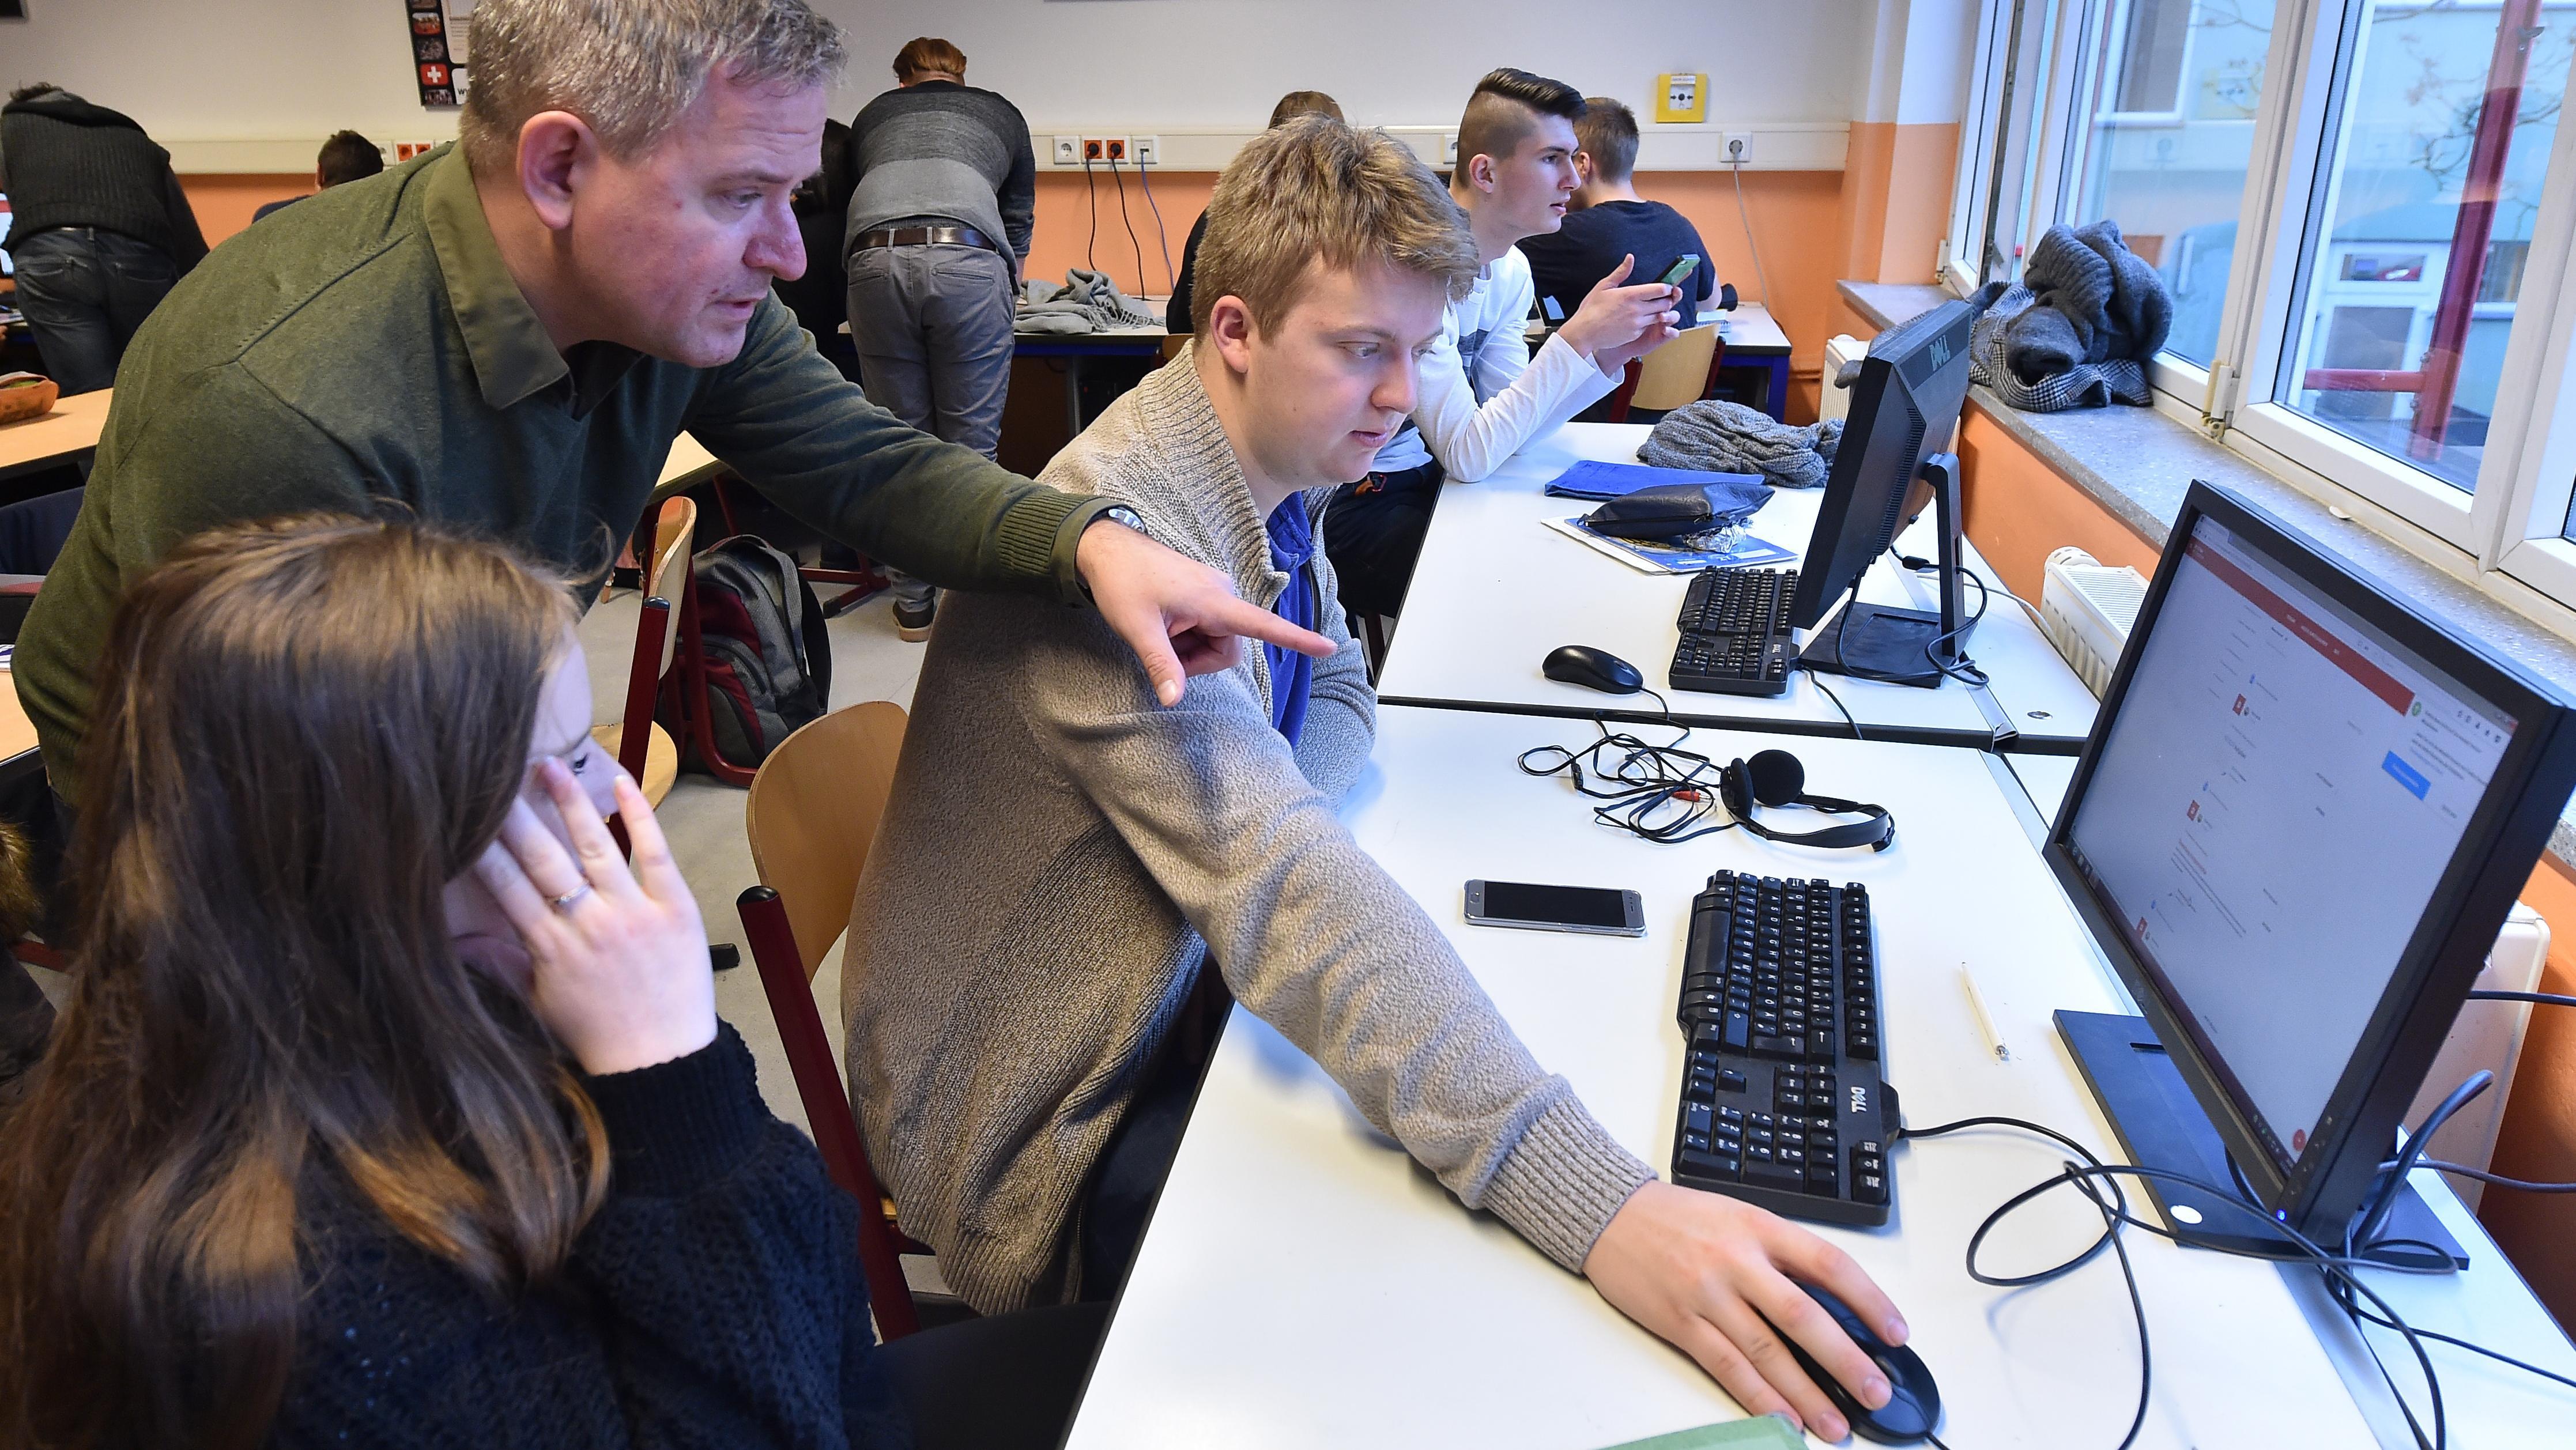 Unterricht in einem digitalen Klassenzimmer in Potsdam (Foto vom 12.12.2017).